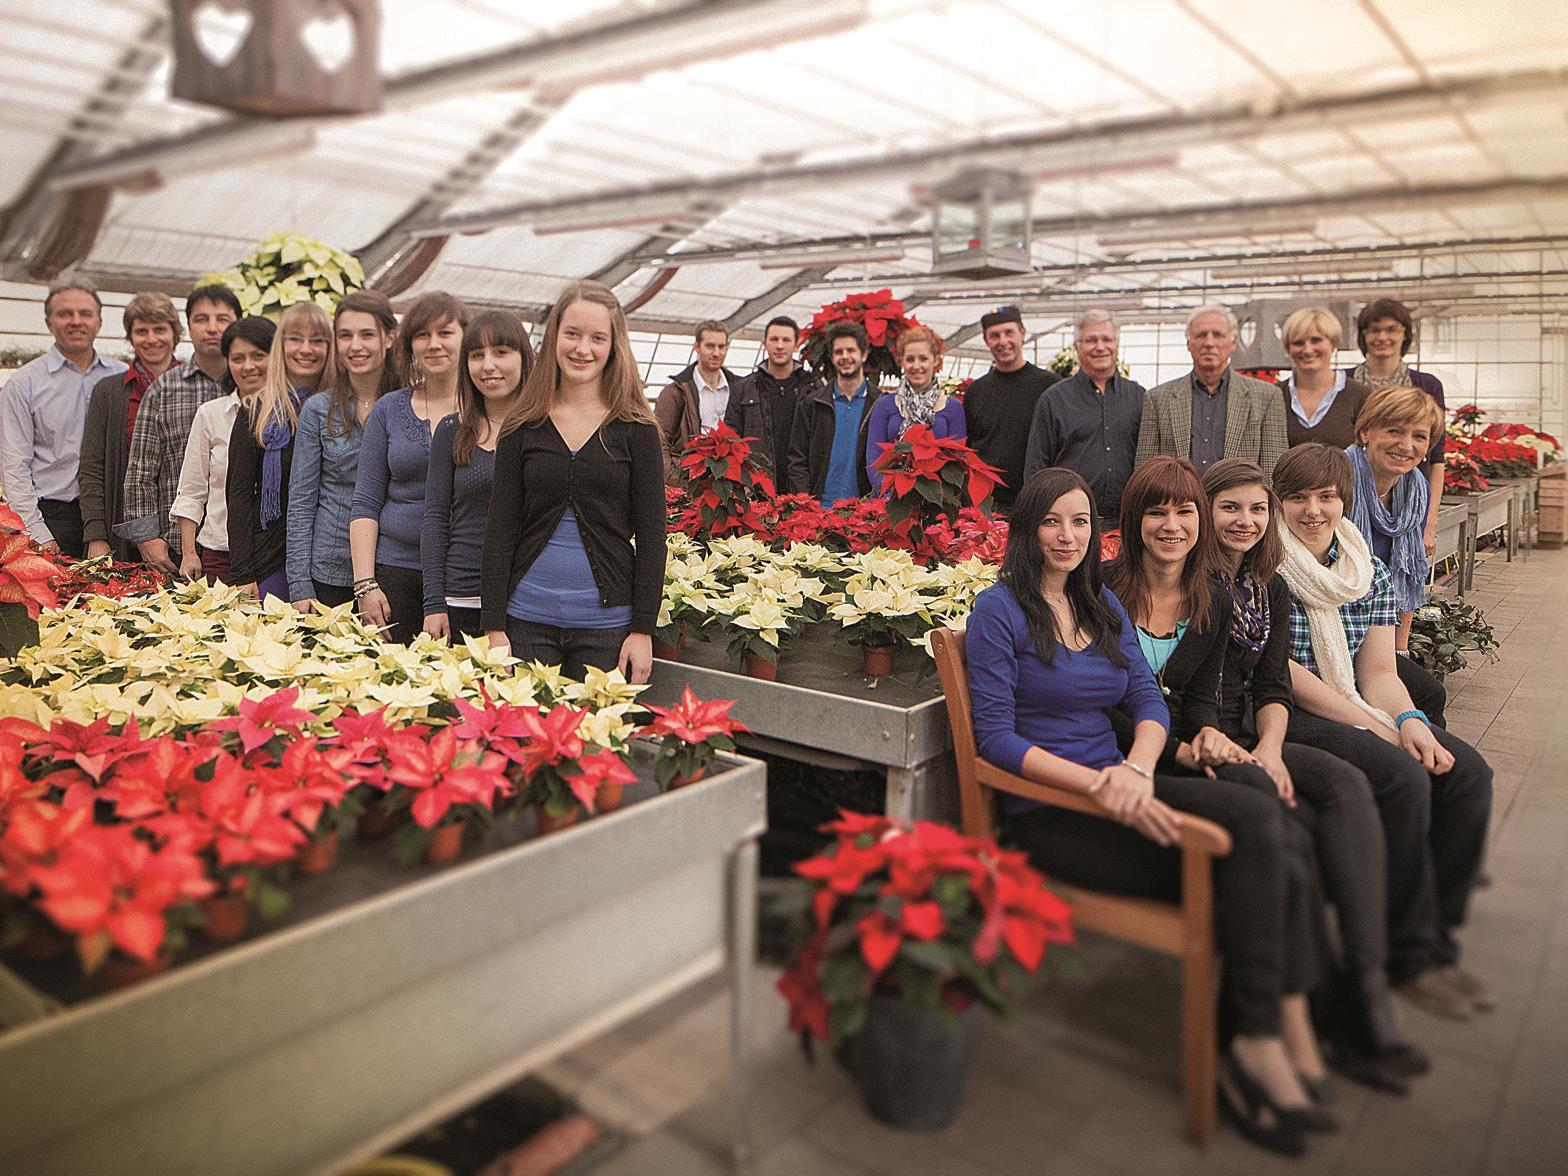 22. Dezember - 19 Uhr - Weihnachtskonzert im Glashaus der Gärtnerei Ludescher, Klaus.